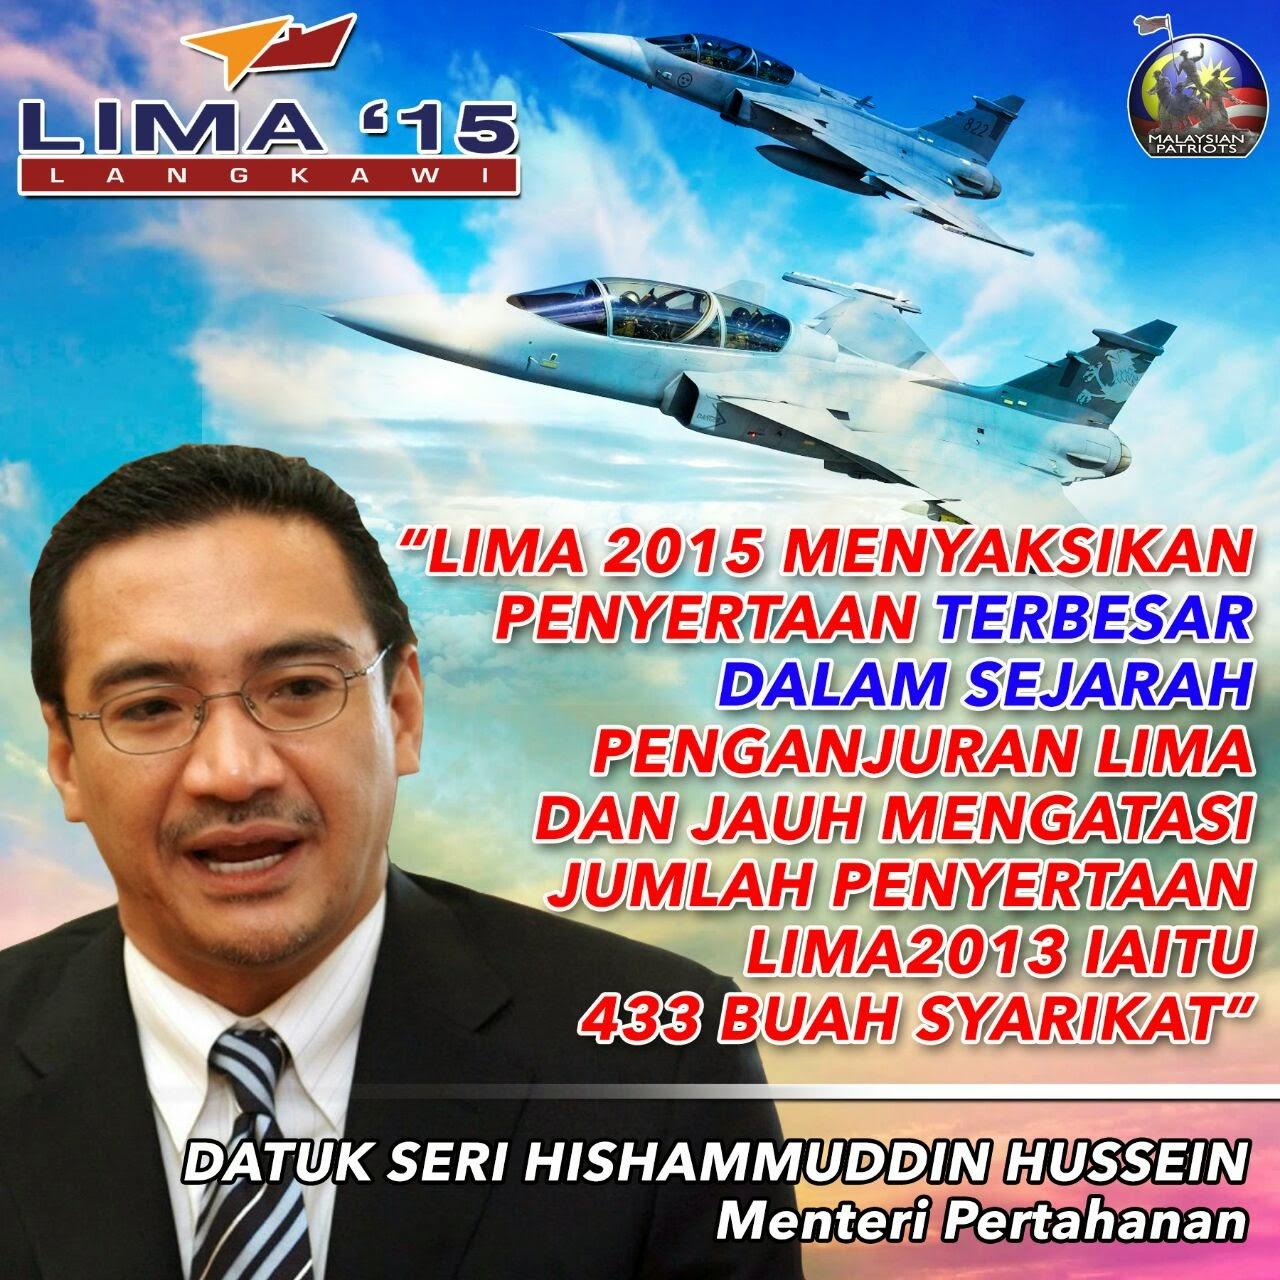 Penyertaan Terbesar Dalam Sejarah Penganjuran LIMA15